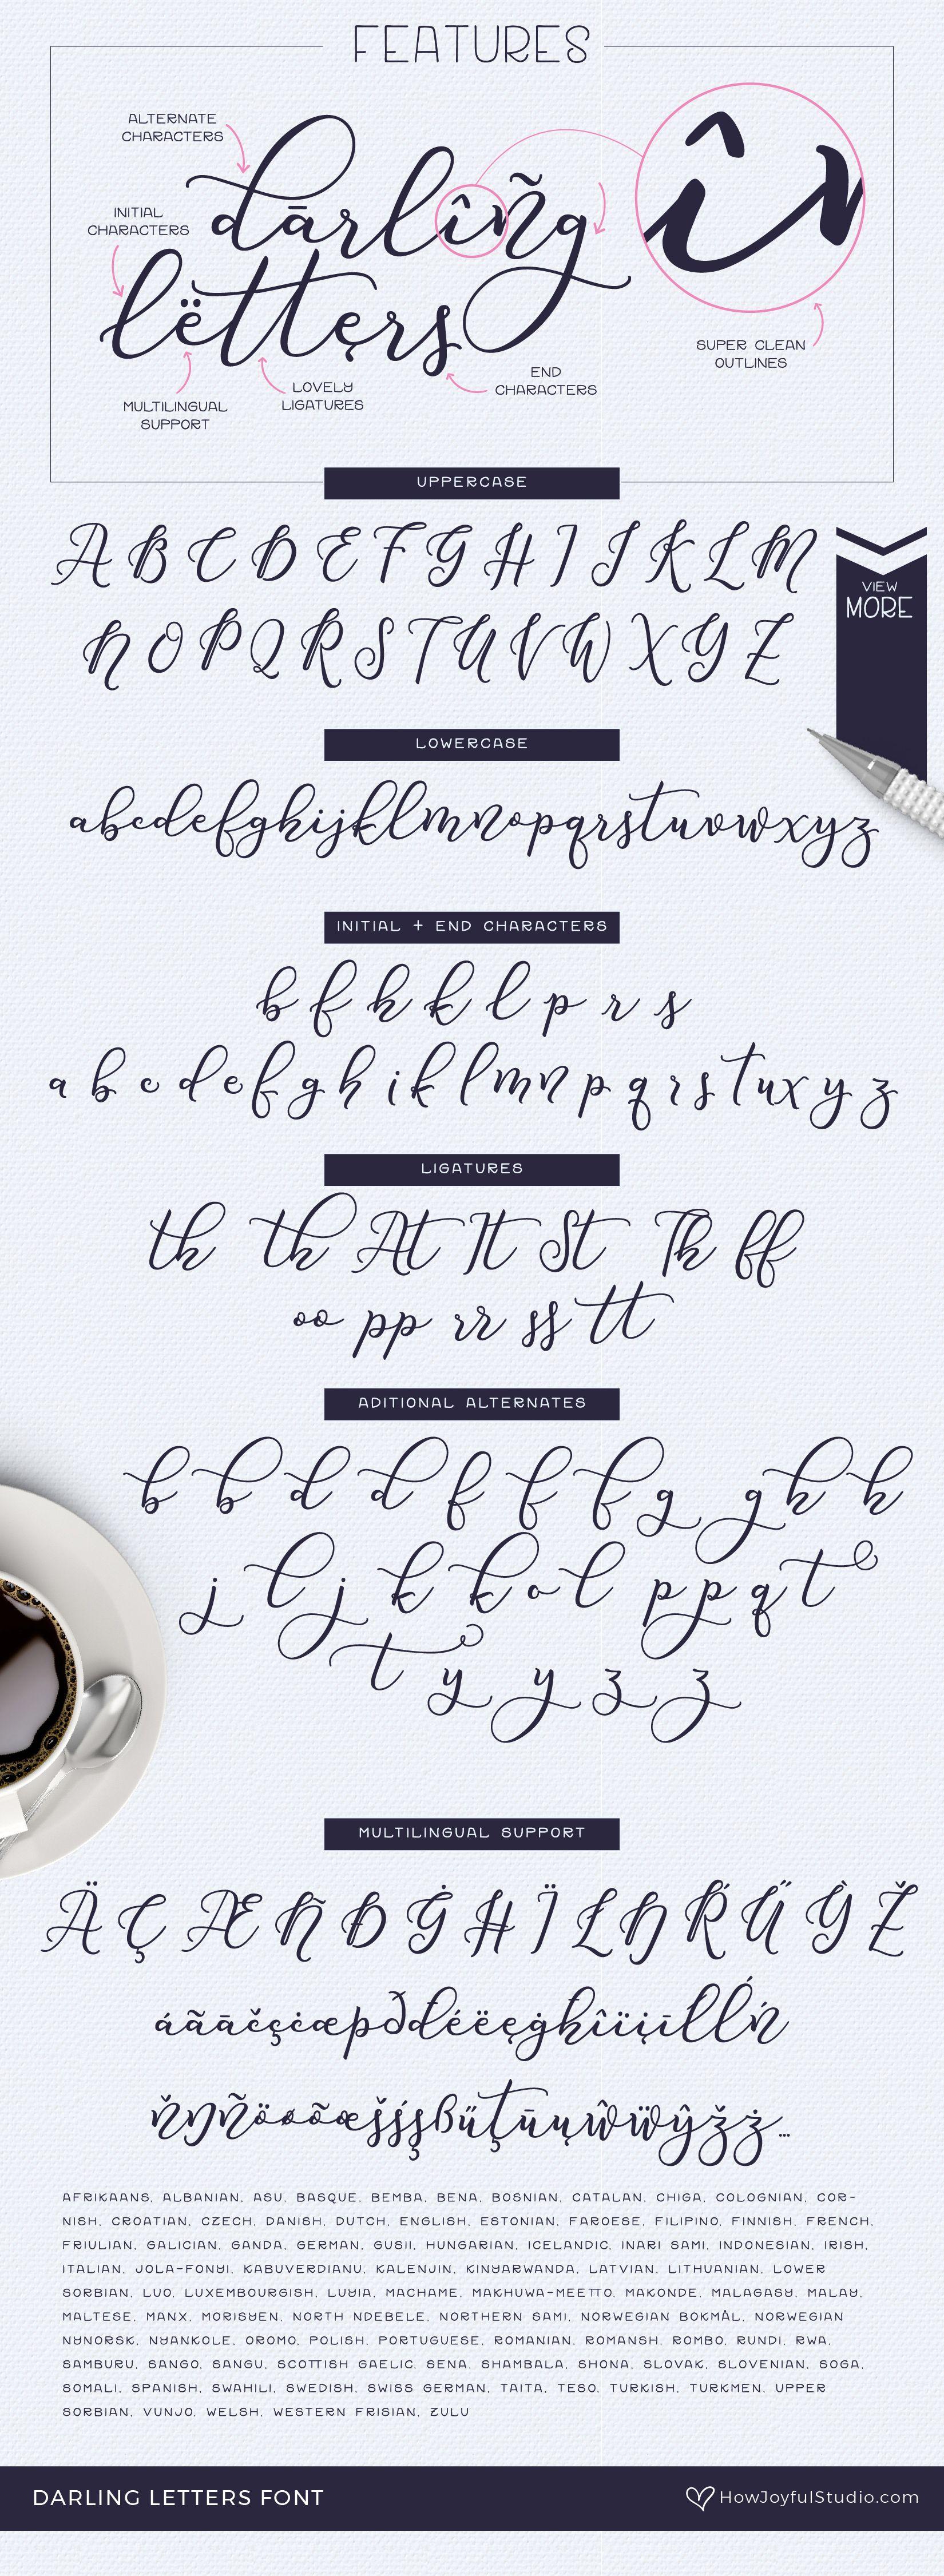 Darling Letters Script Font Howjoyful Studio